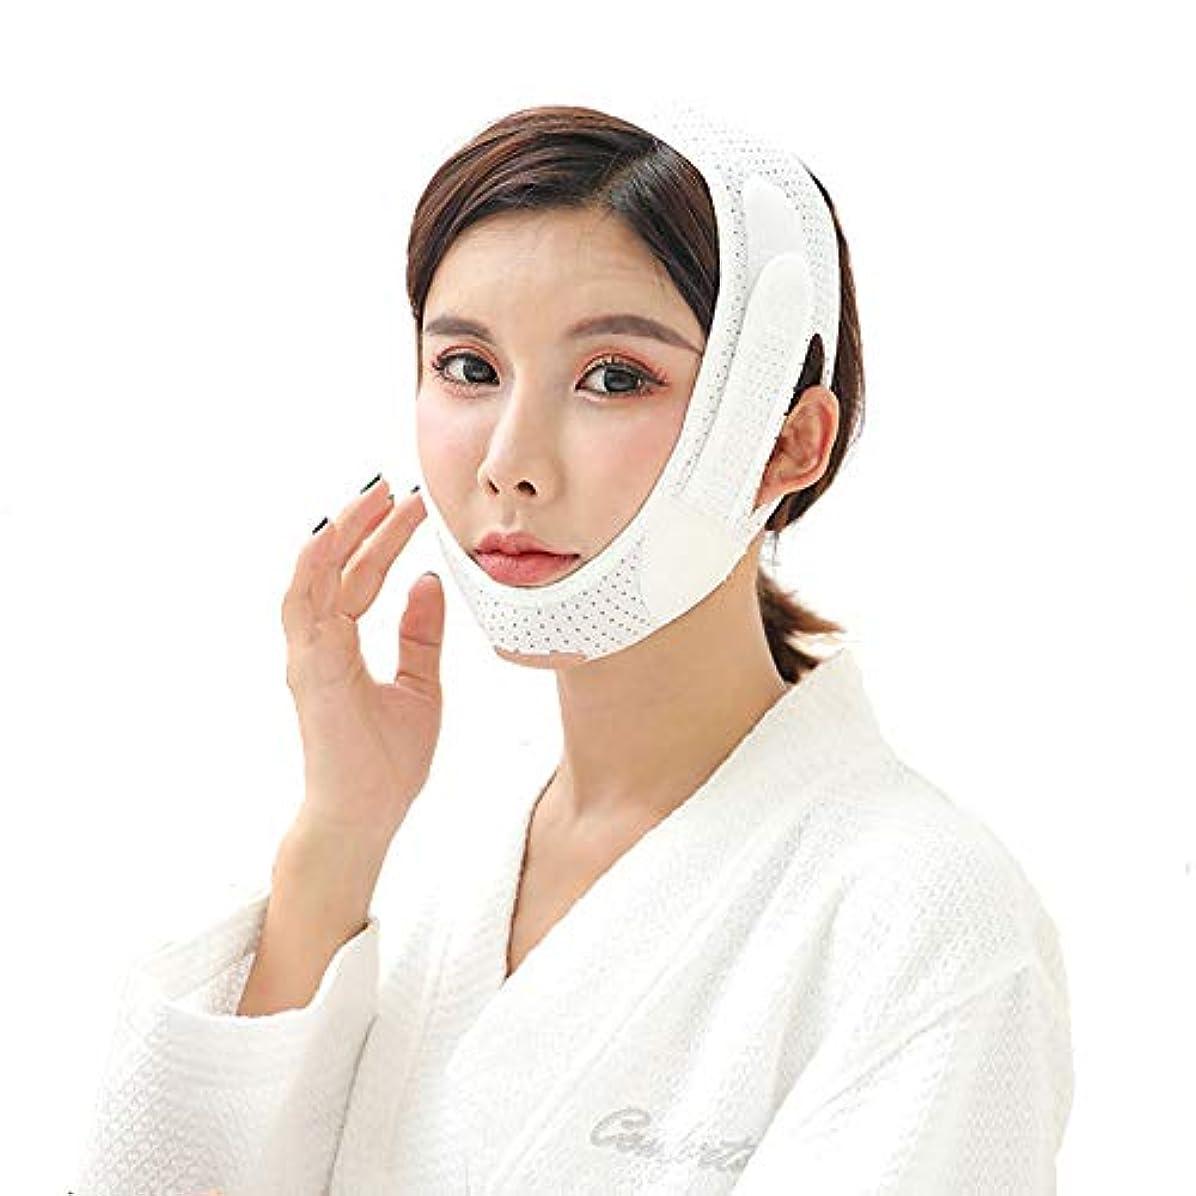 異なるミトン白内障アンチリンクルフェイスリフトスリミングチークマスク、ダブルチンレデューサー、フェイススリミングマスク用女性Vフェイスチンチークリフトアップフェイススリムマスク超薄型ベルトストラップバンド耐久性と便利